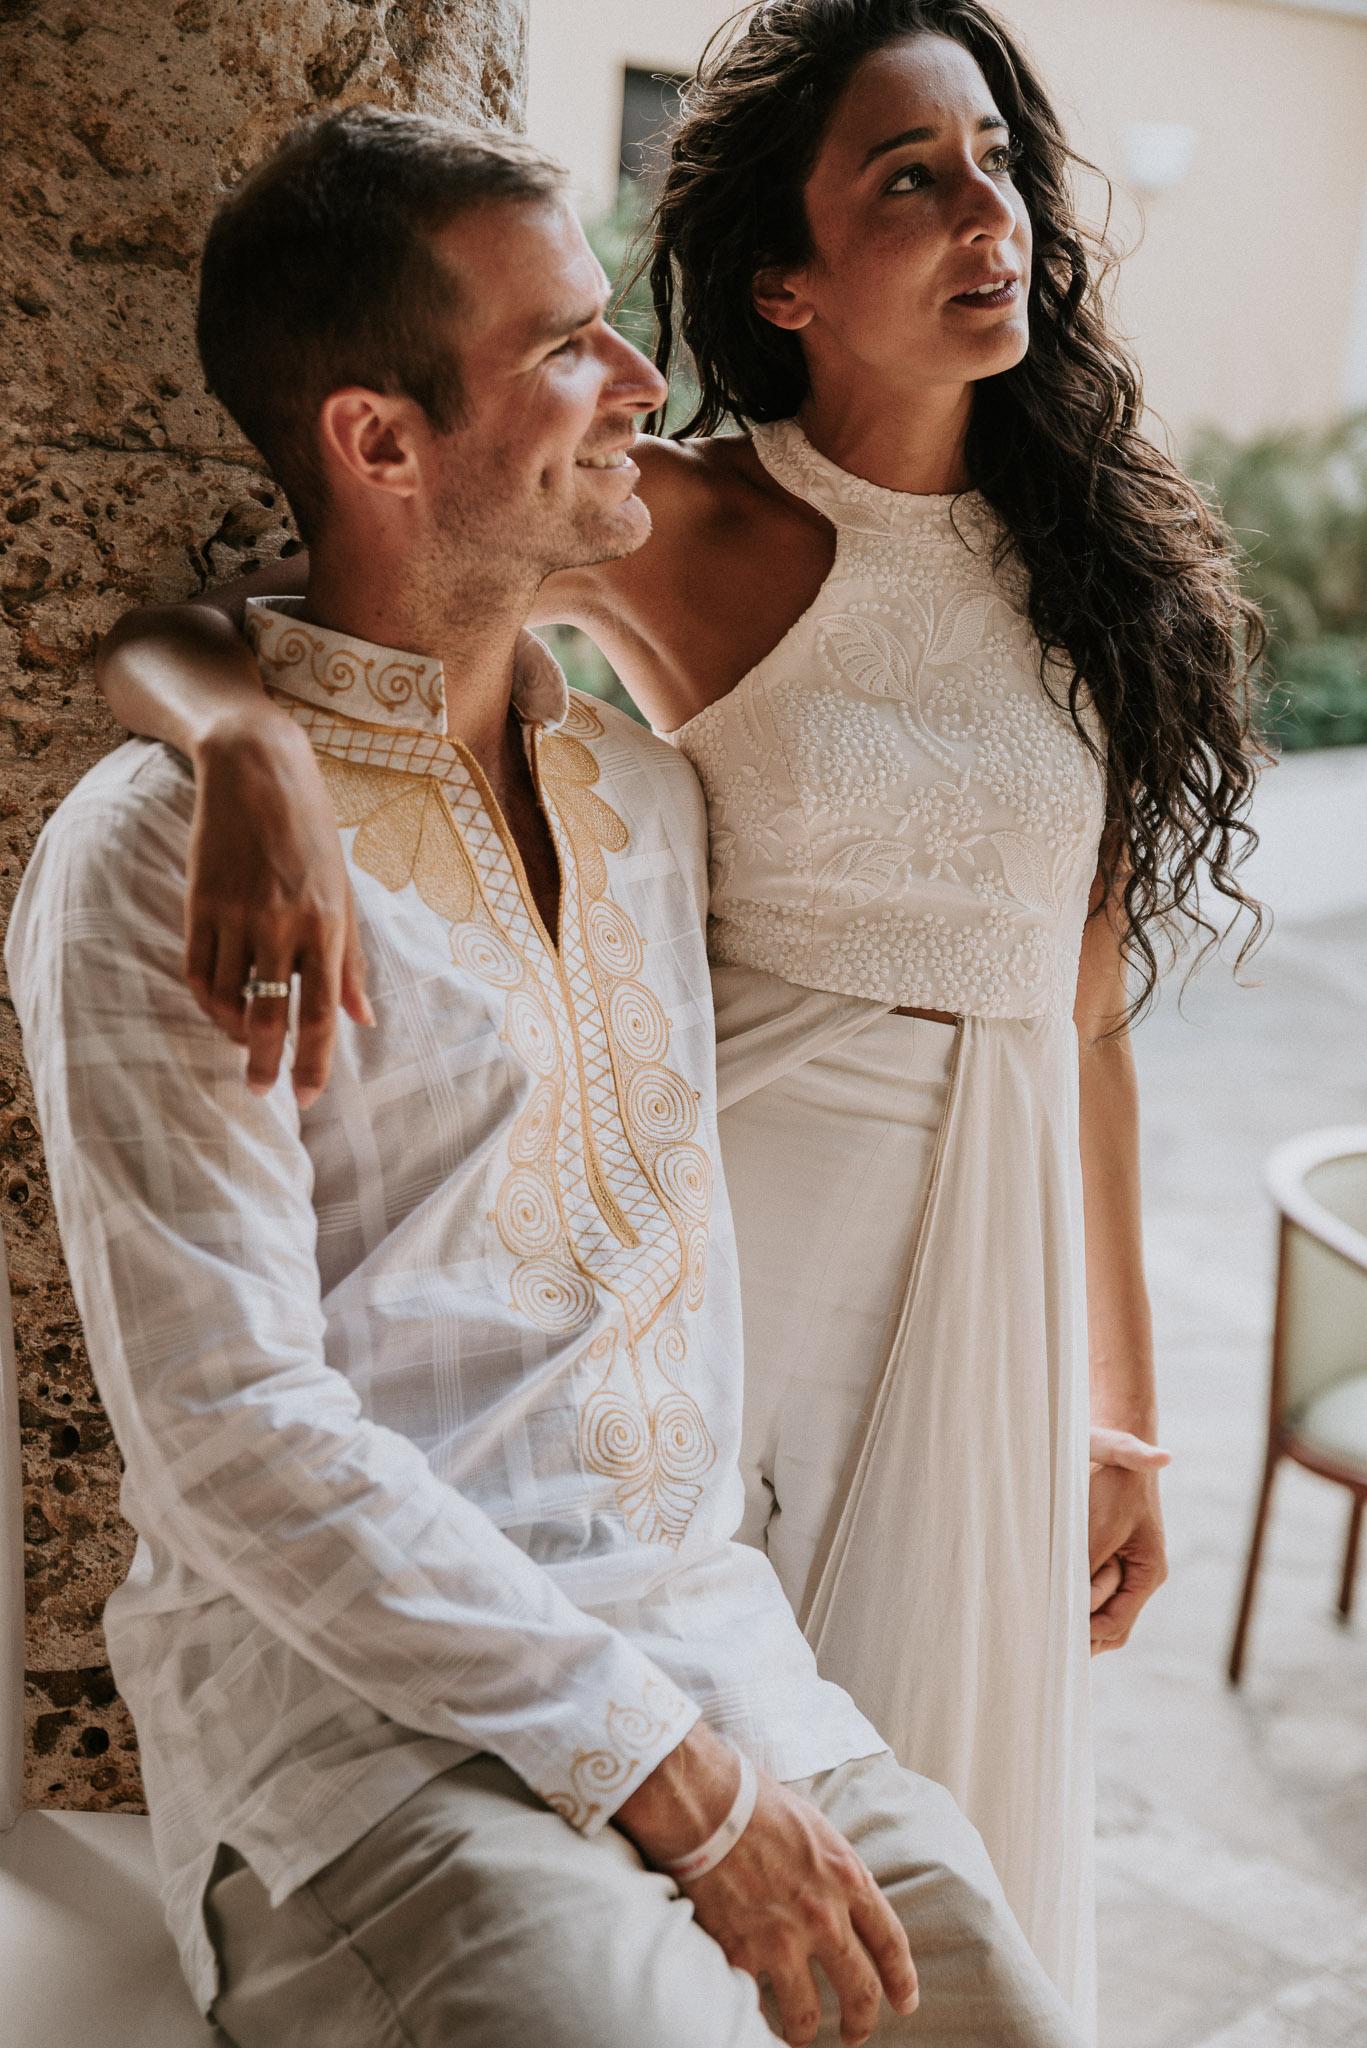 Valerie & Zack Prbeoda-42.jpg